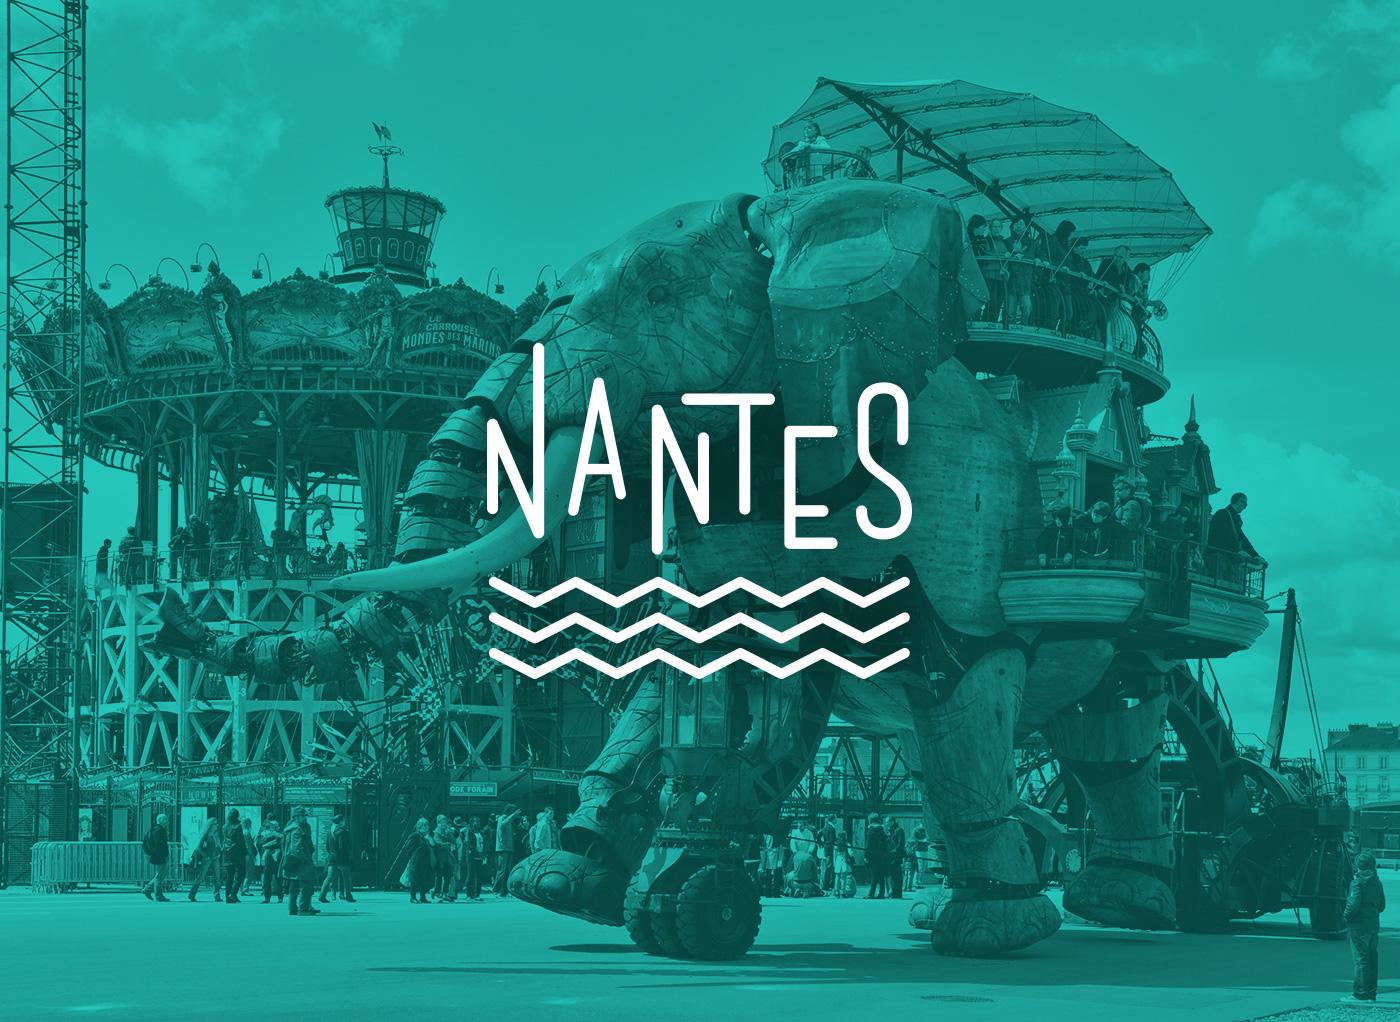 Type design for Nantes